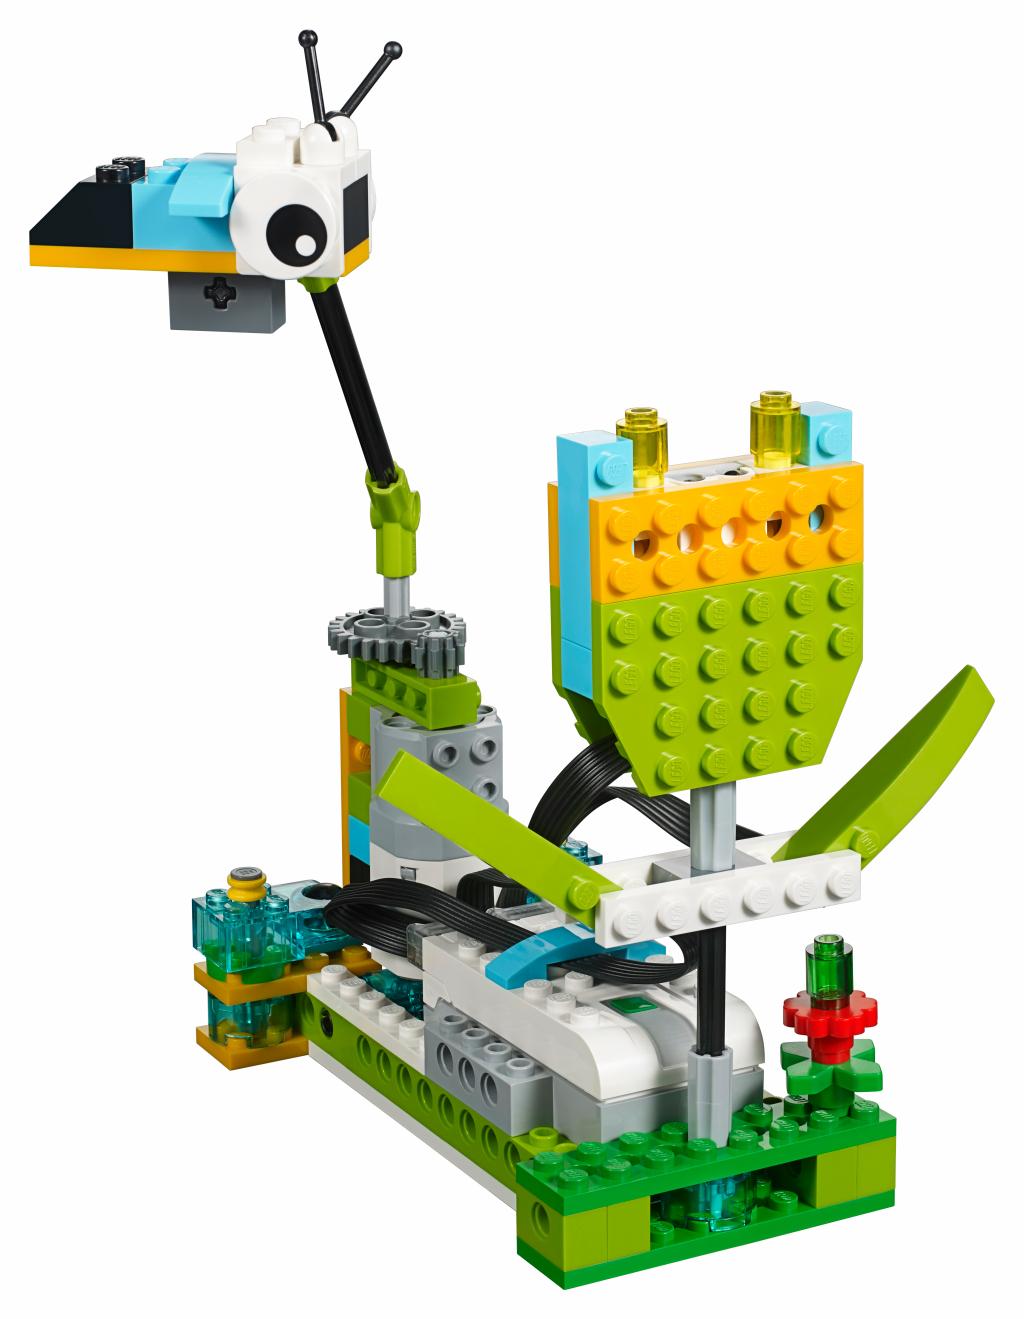 Базовый набор LEGO Education WeDo 2.0-7